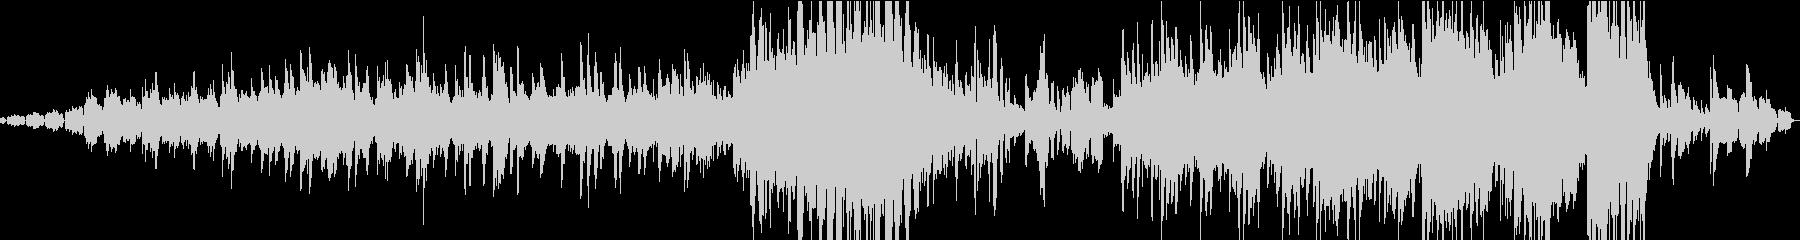 ピアノのエレクトロニカの未再生の波形